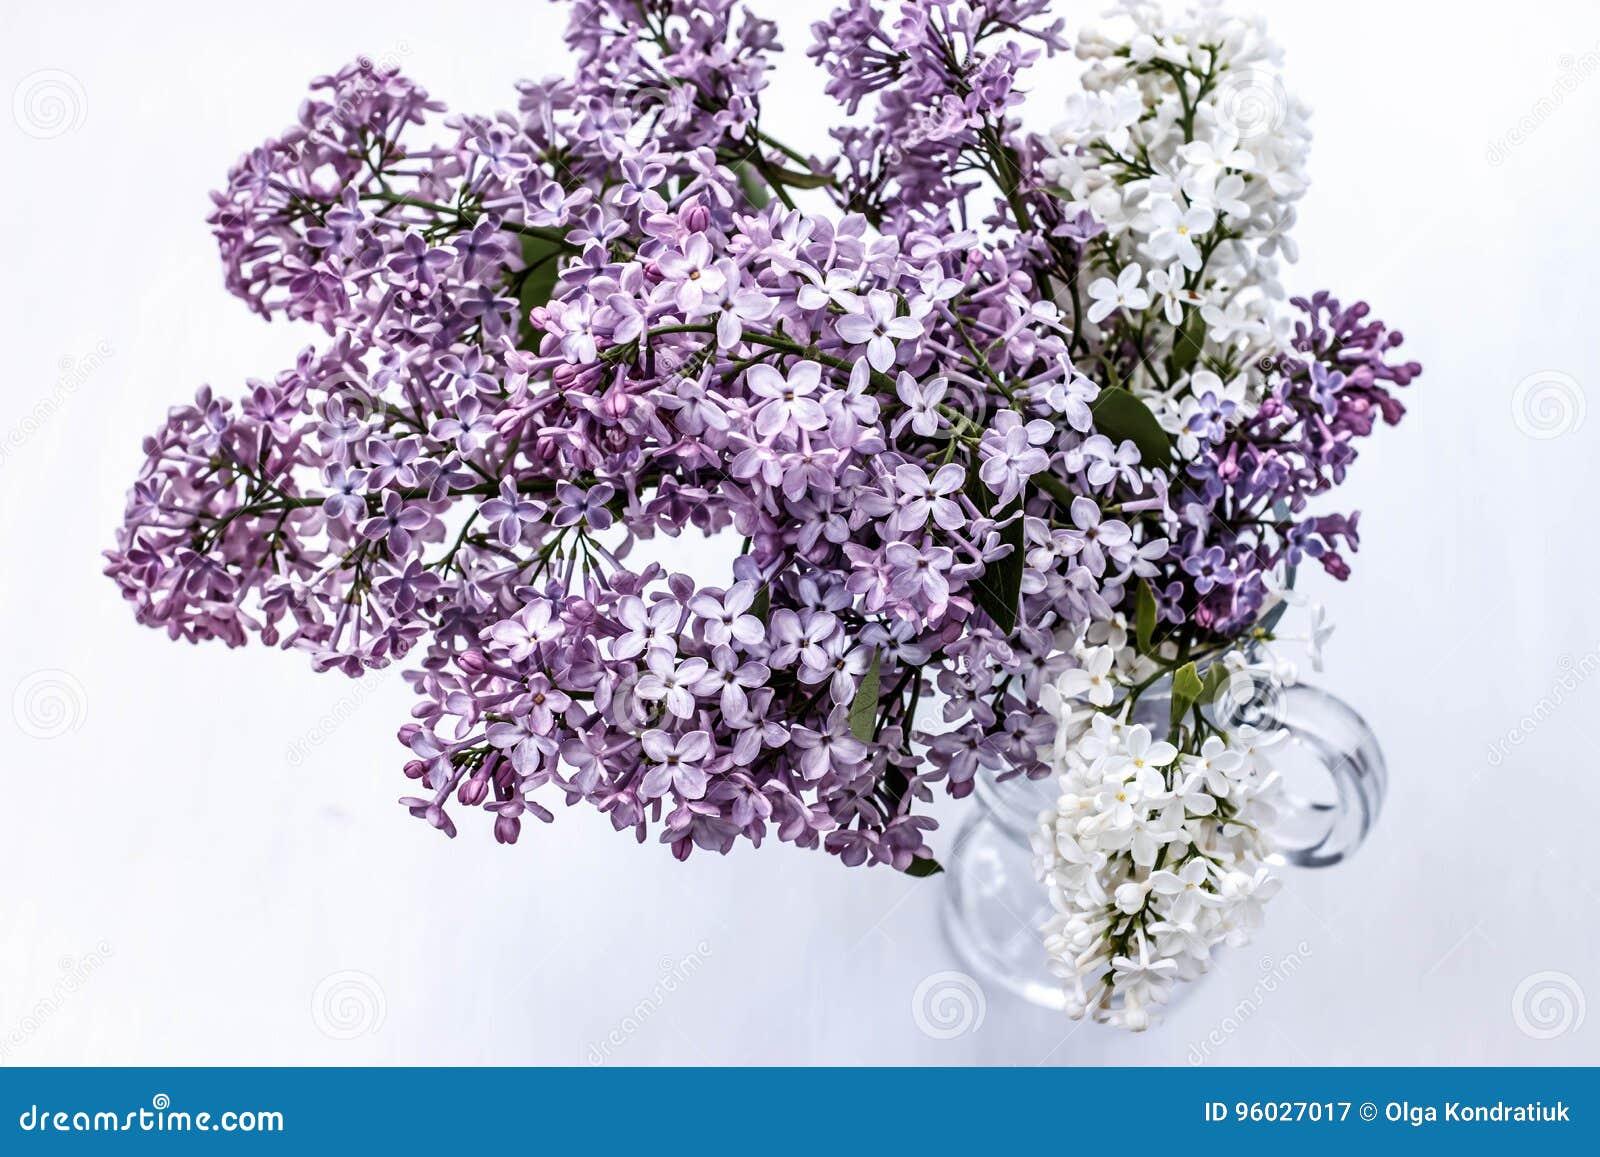 Bukiet purpurowy i biały bez w szklanym wineglass